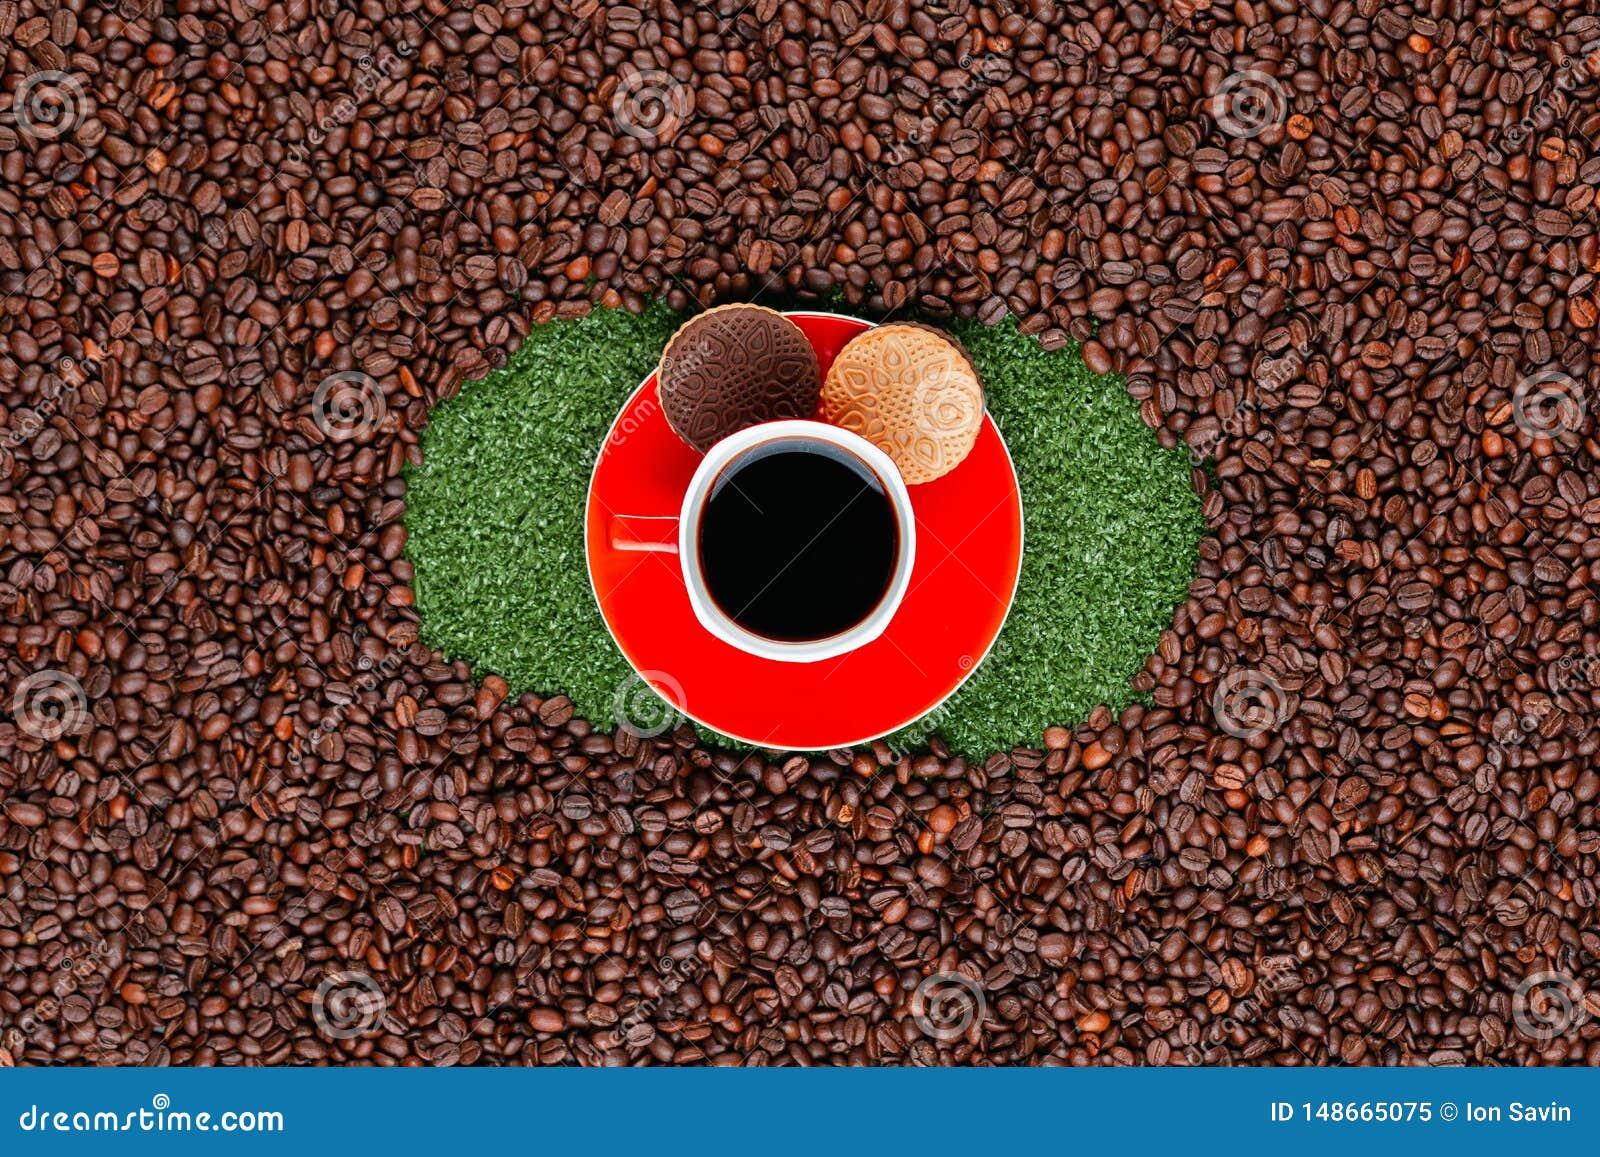 Κούπα καφέ με τα μπισκότα στη χλόη με τα φασόλια καφέ γύρω